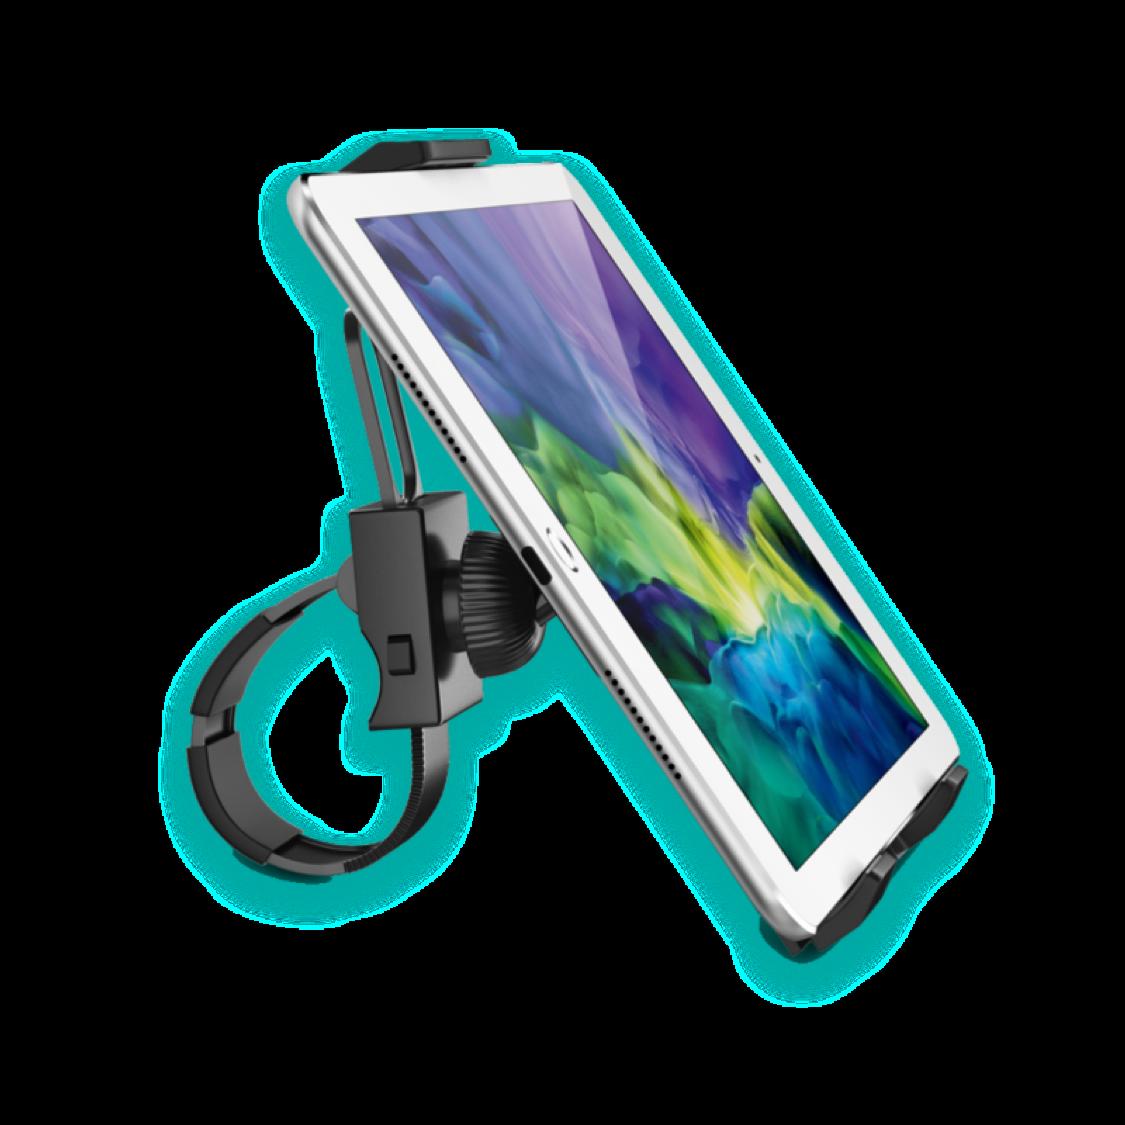 20201021 No Gym Bag Necessary - Phone Holder.png